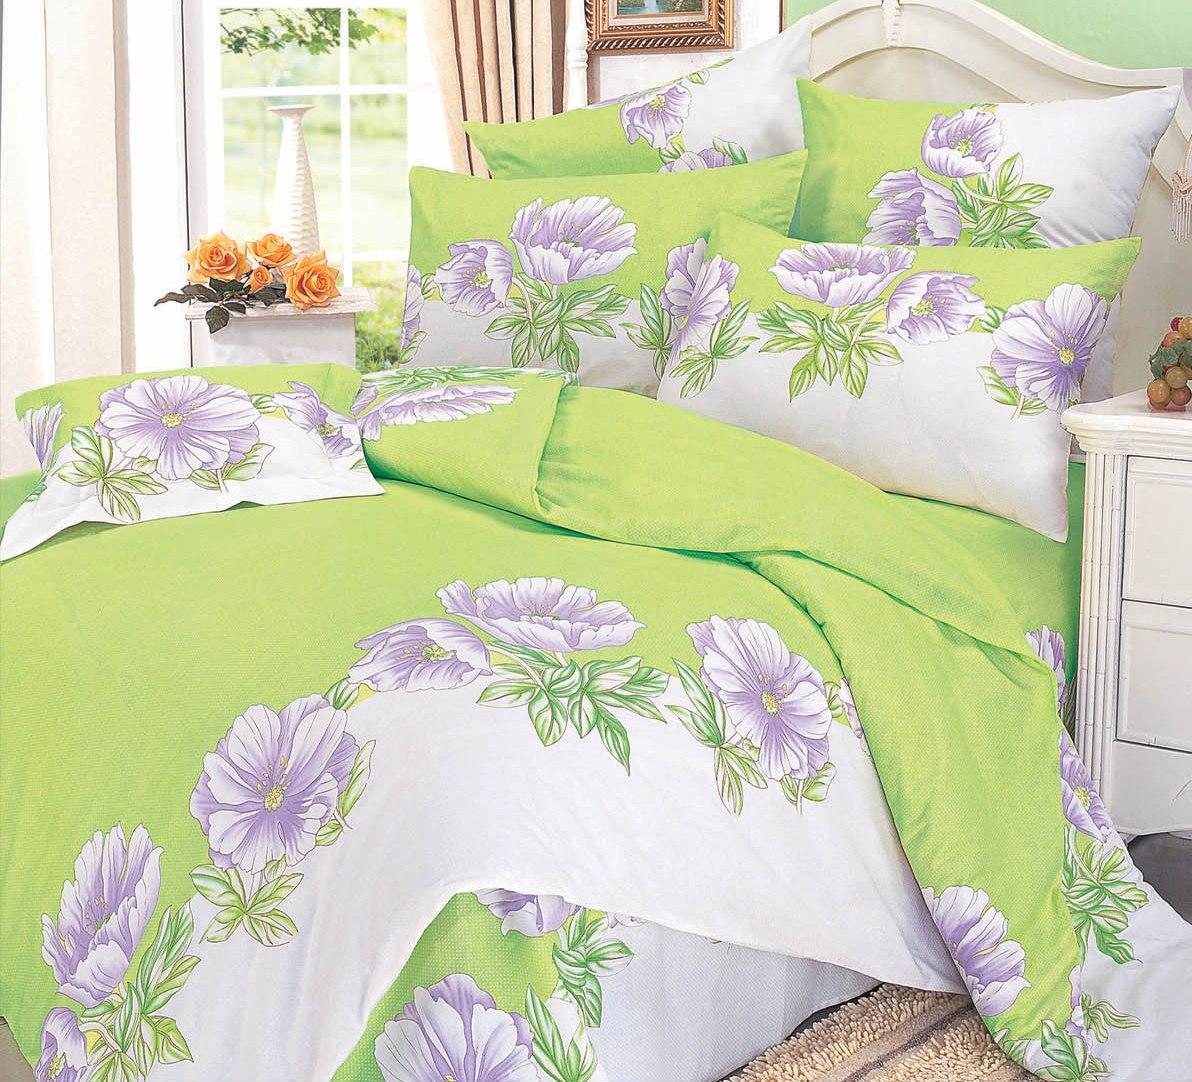 Купить Комплекты постельного белья СайлиД, Постельное белье Lavander А/s-32 (1, 5 сп.), Китай, Зеленый, Сиреневый, Поплин